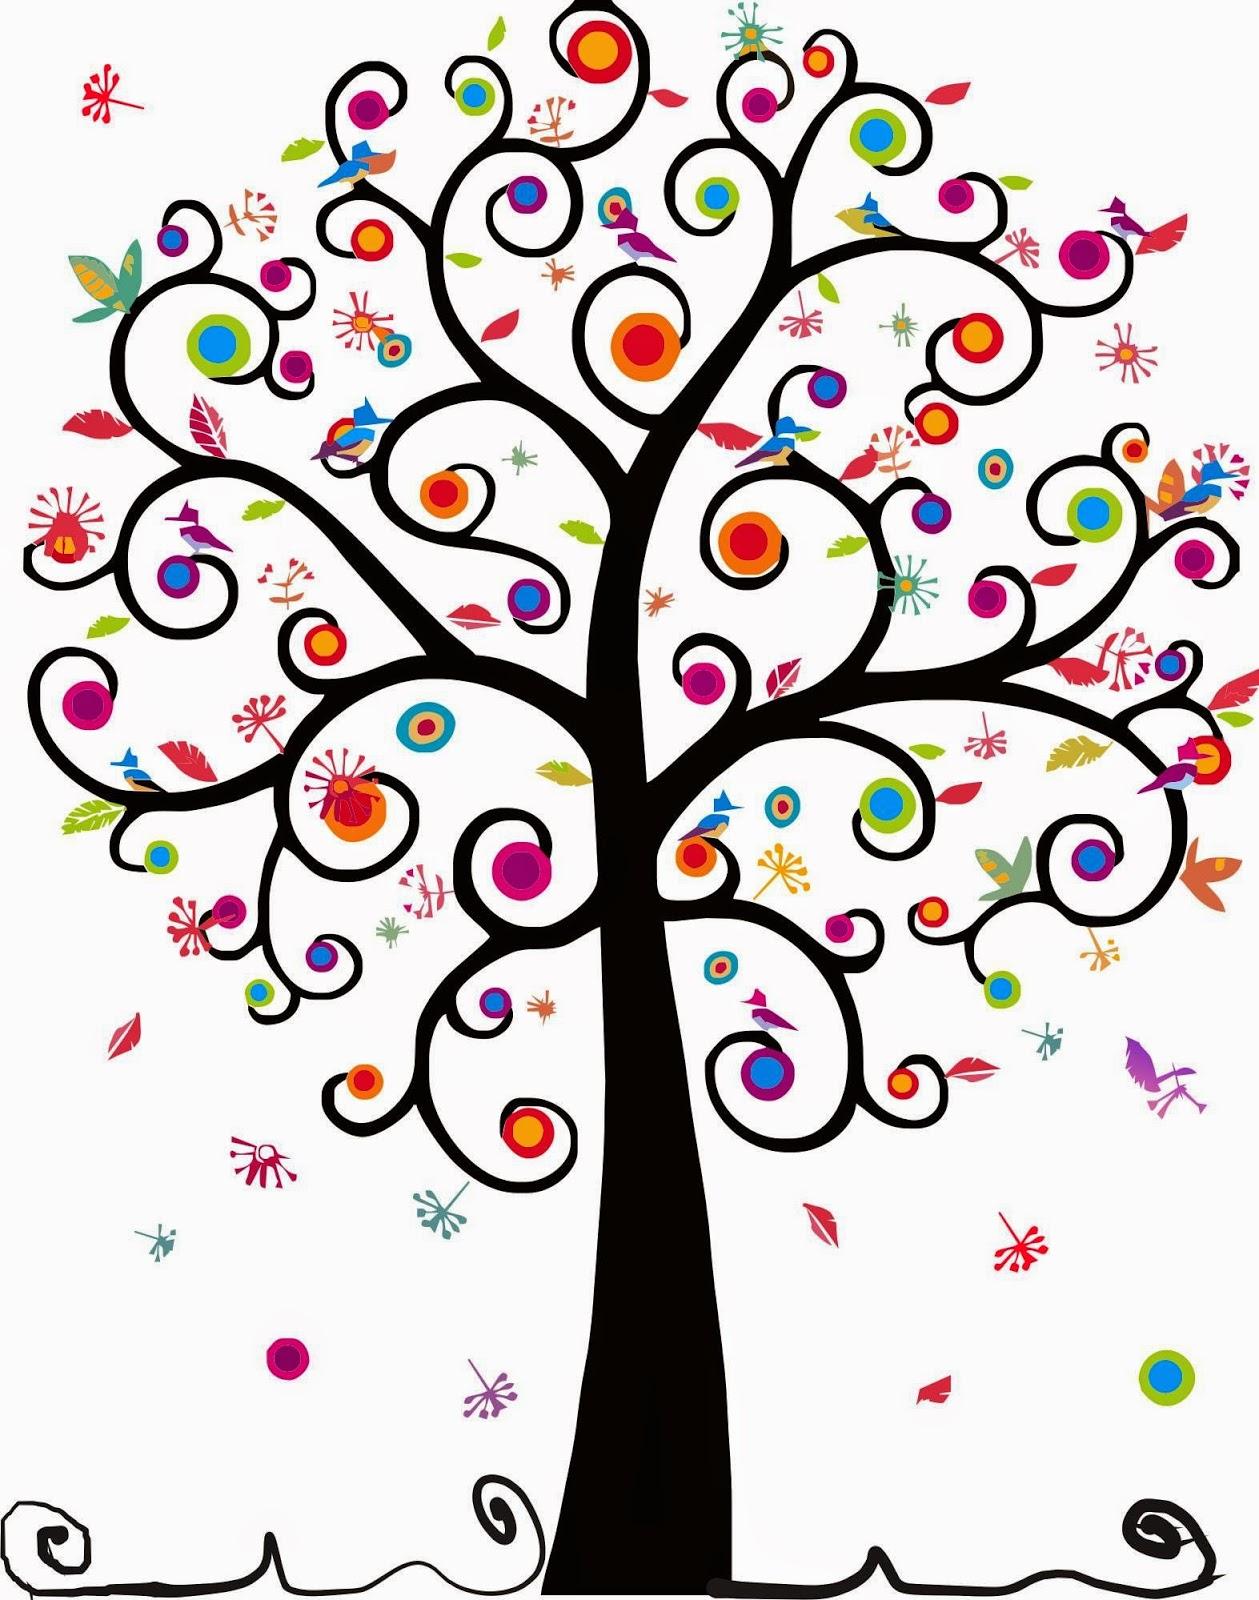 Cafe y puntadas de historias viene hoy for Significado de un arbol sin hojas